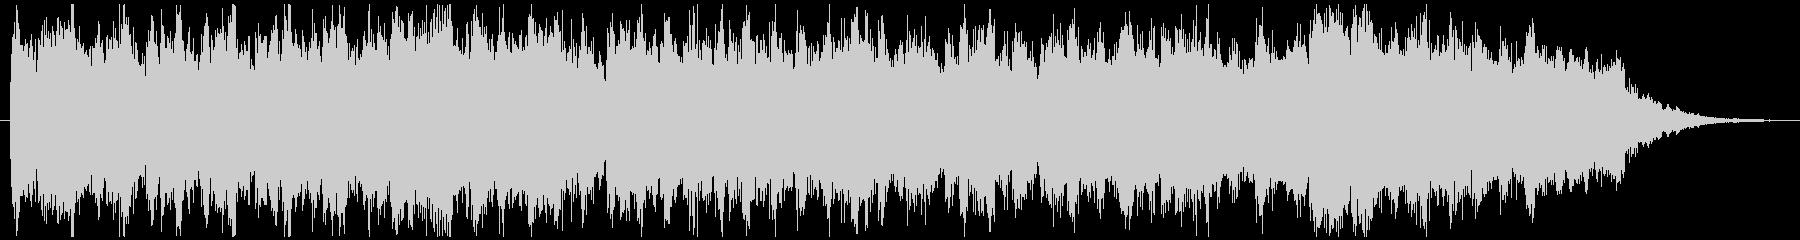 シンセサイザー系音色の約30秒のBGMの未再生の波形